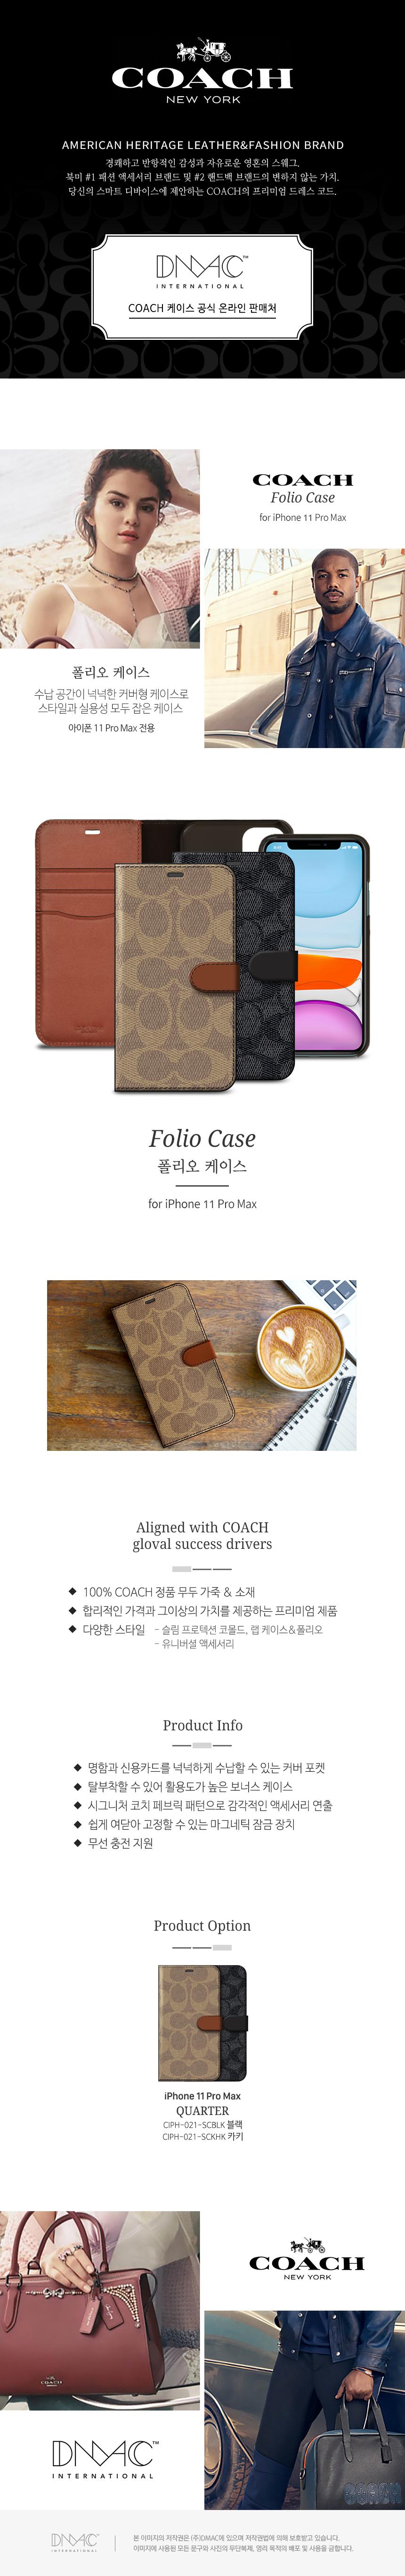 Folio-Case_iPhone11promax